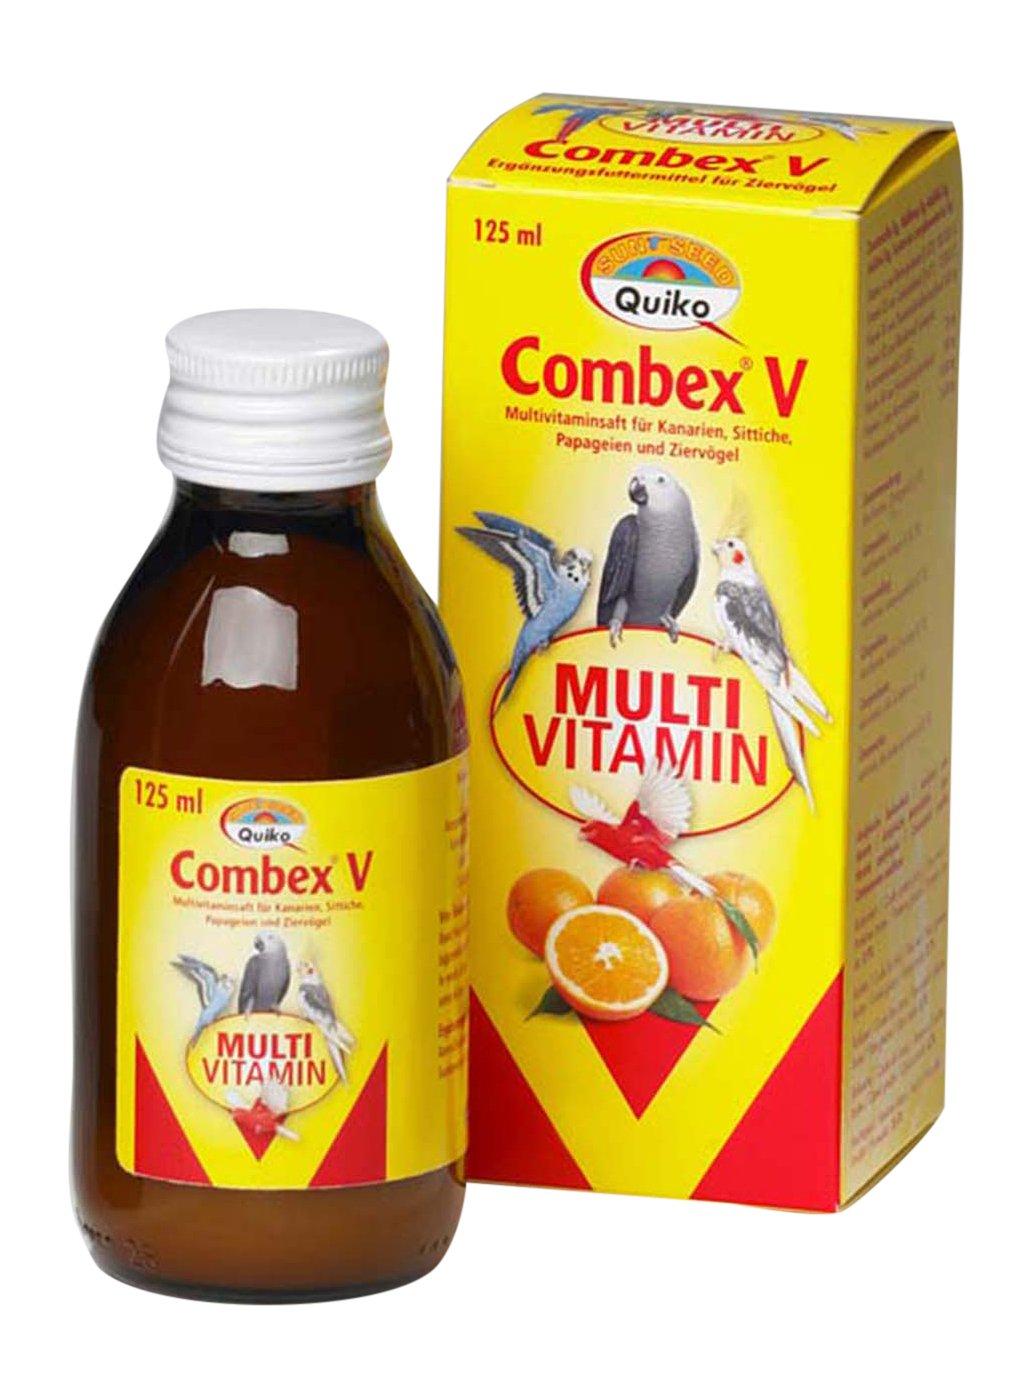 Quiko Combex V - Multivitaminsaft für Kanarien, Sittiche, Papageien und Ziervögel Papageien und Ziervögel 1er Pack (1 x 500 ml) 200224